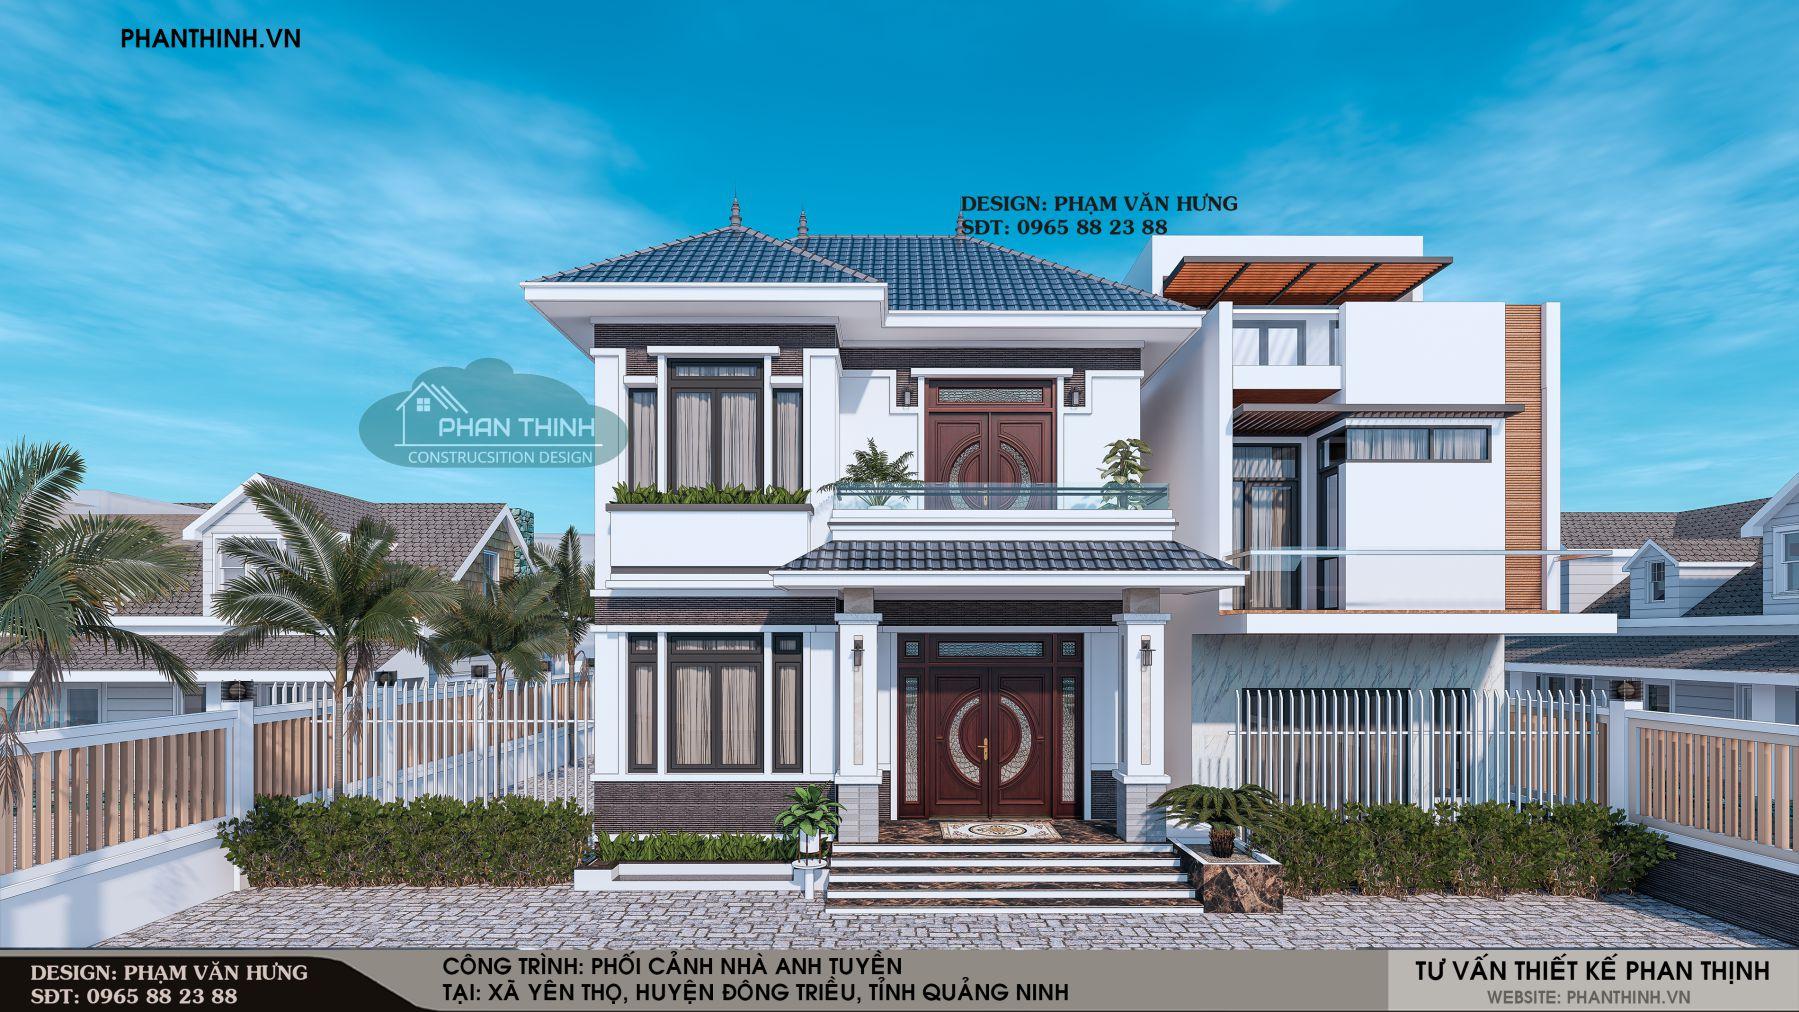 Thiết kế phối cảnh biệt thự 2 tầng mái thái tại Quảng Ninh